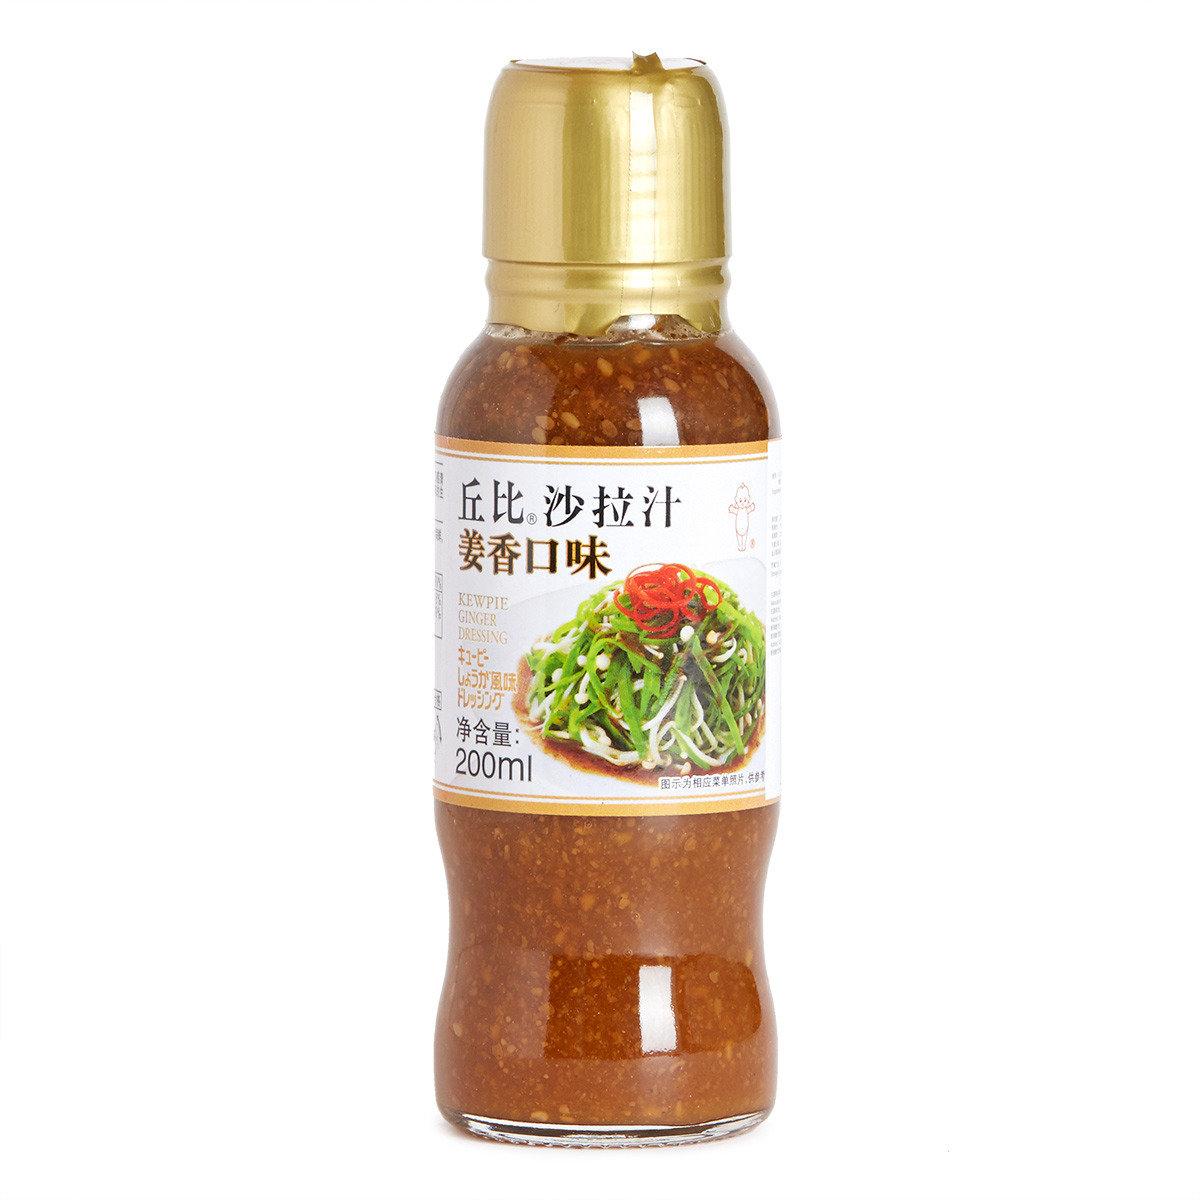 沙拉汁 - 姜香口味